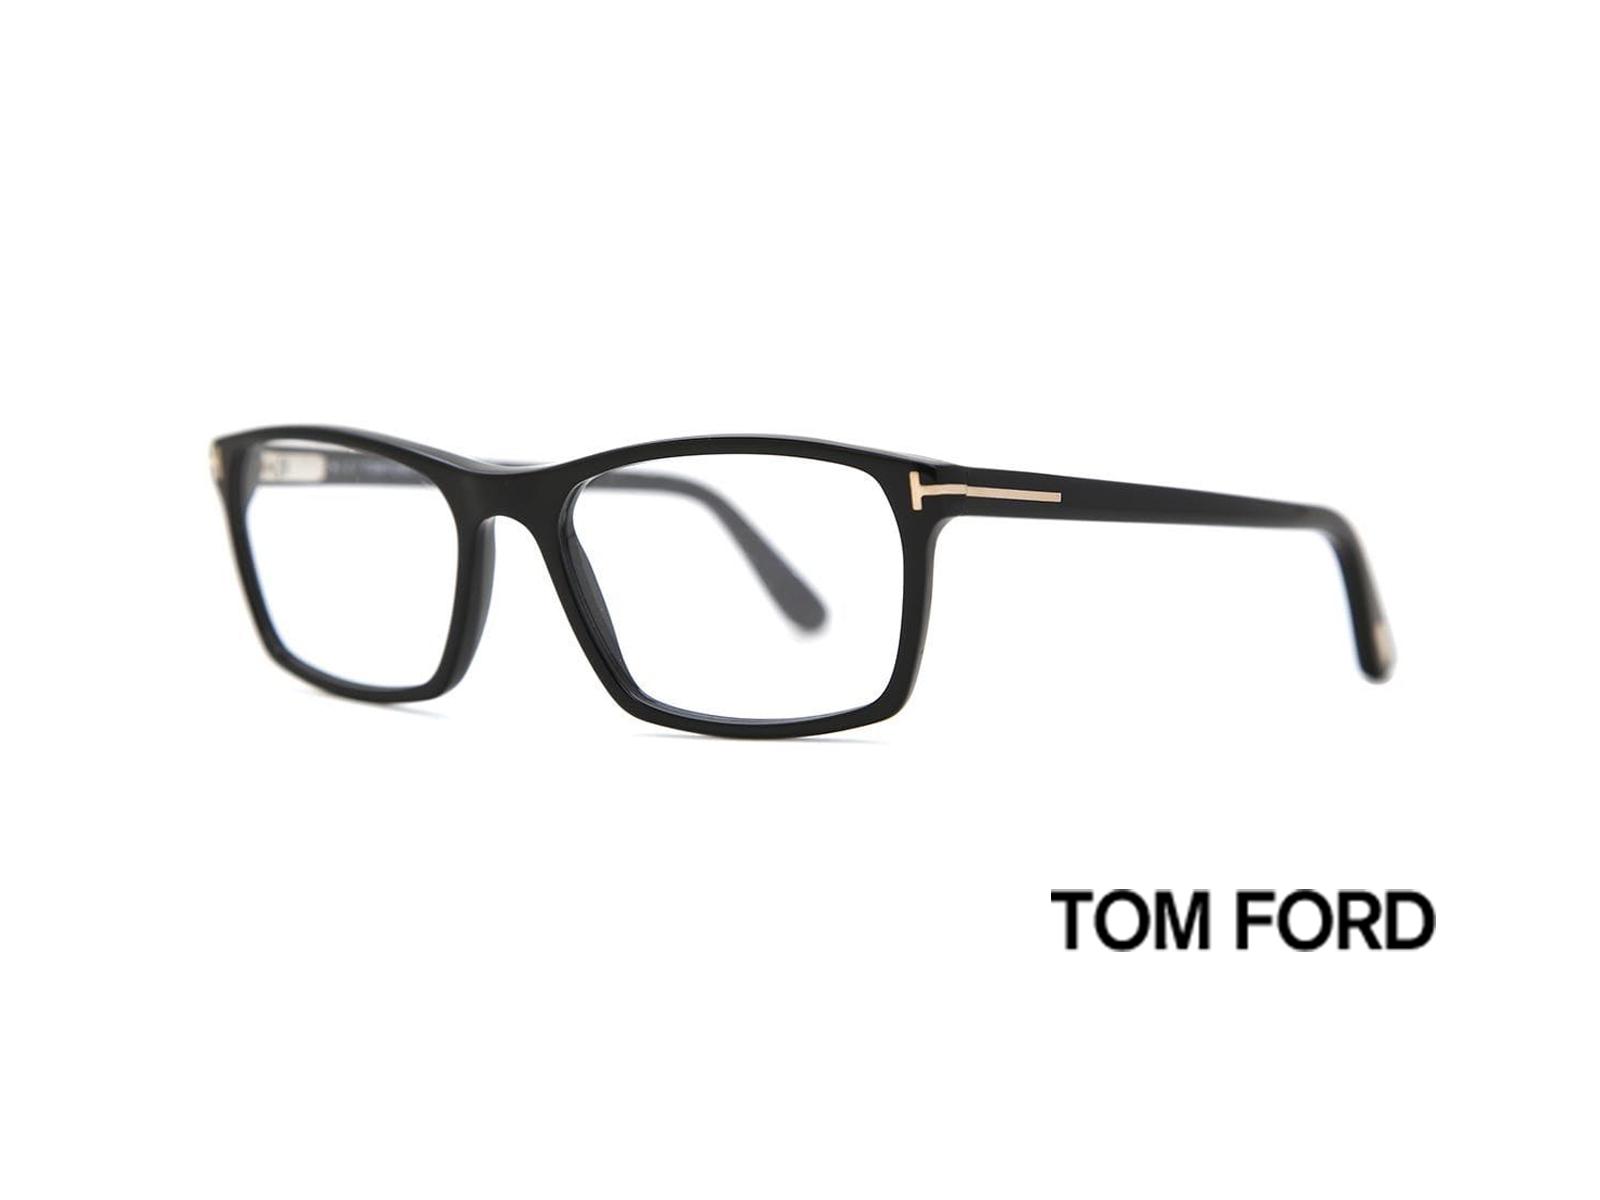 【海外直送】Tom Fordトムフォード メガネ メンズTom Ford FT5295 001 (フレームのみ)送料無料56サイズ 正規品 安い ケース付